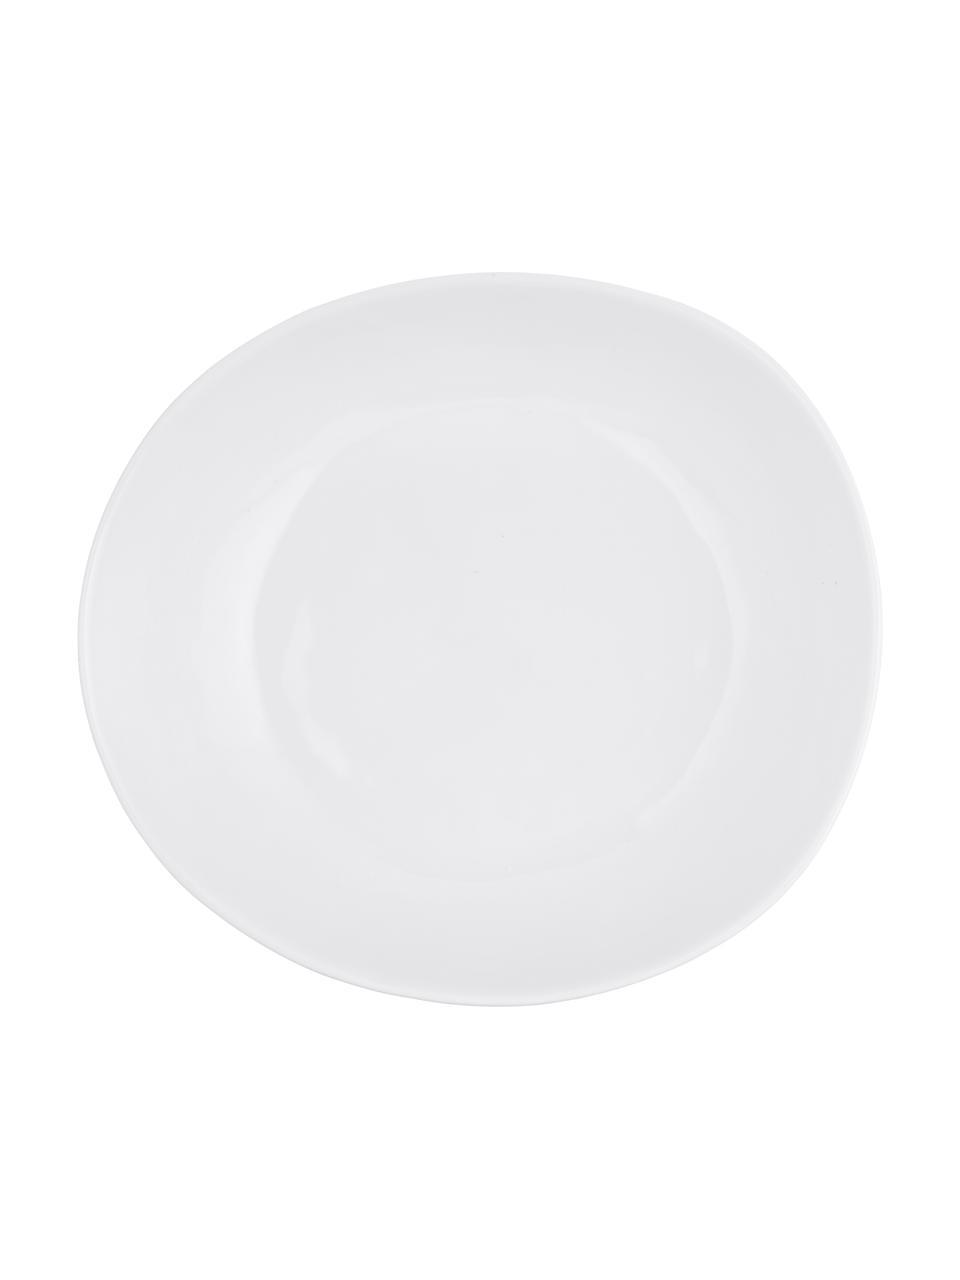 Miska Porcelino, 4 szt., Porcelana o celowo nierównym kształcie, Biały, 17 x 16 cm